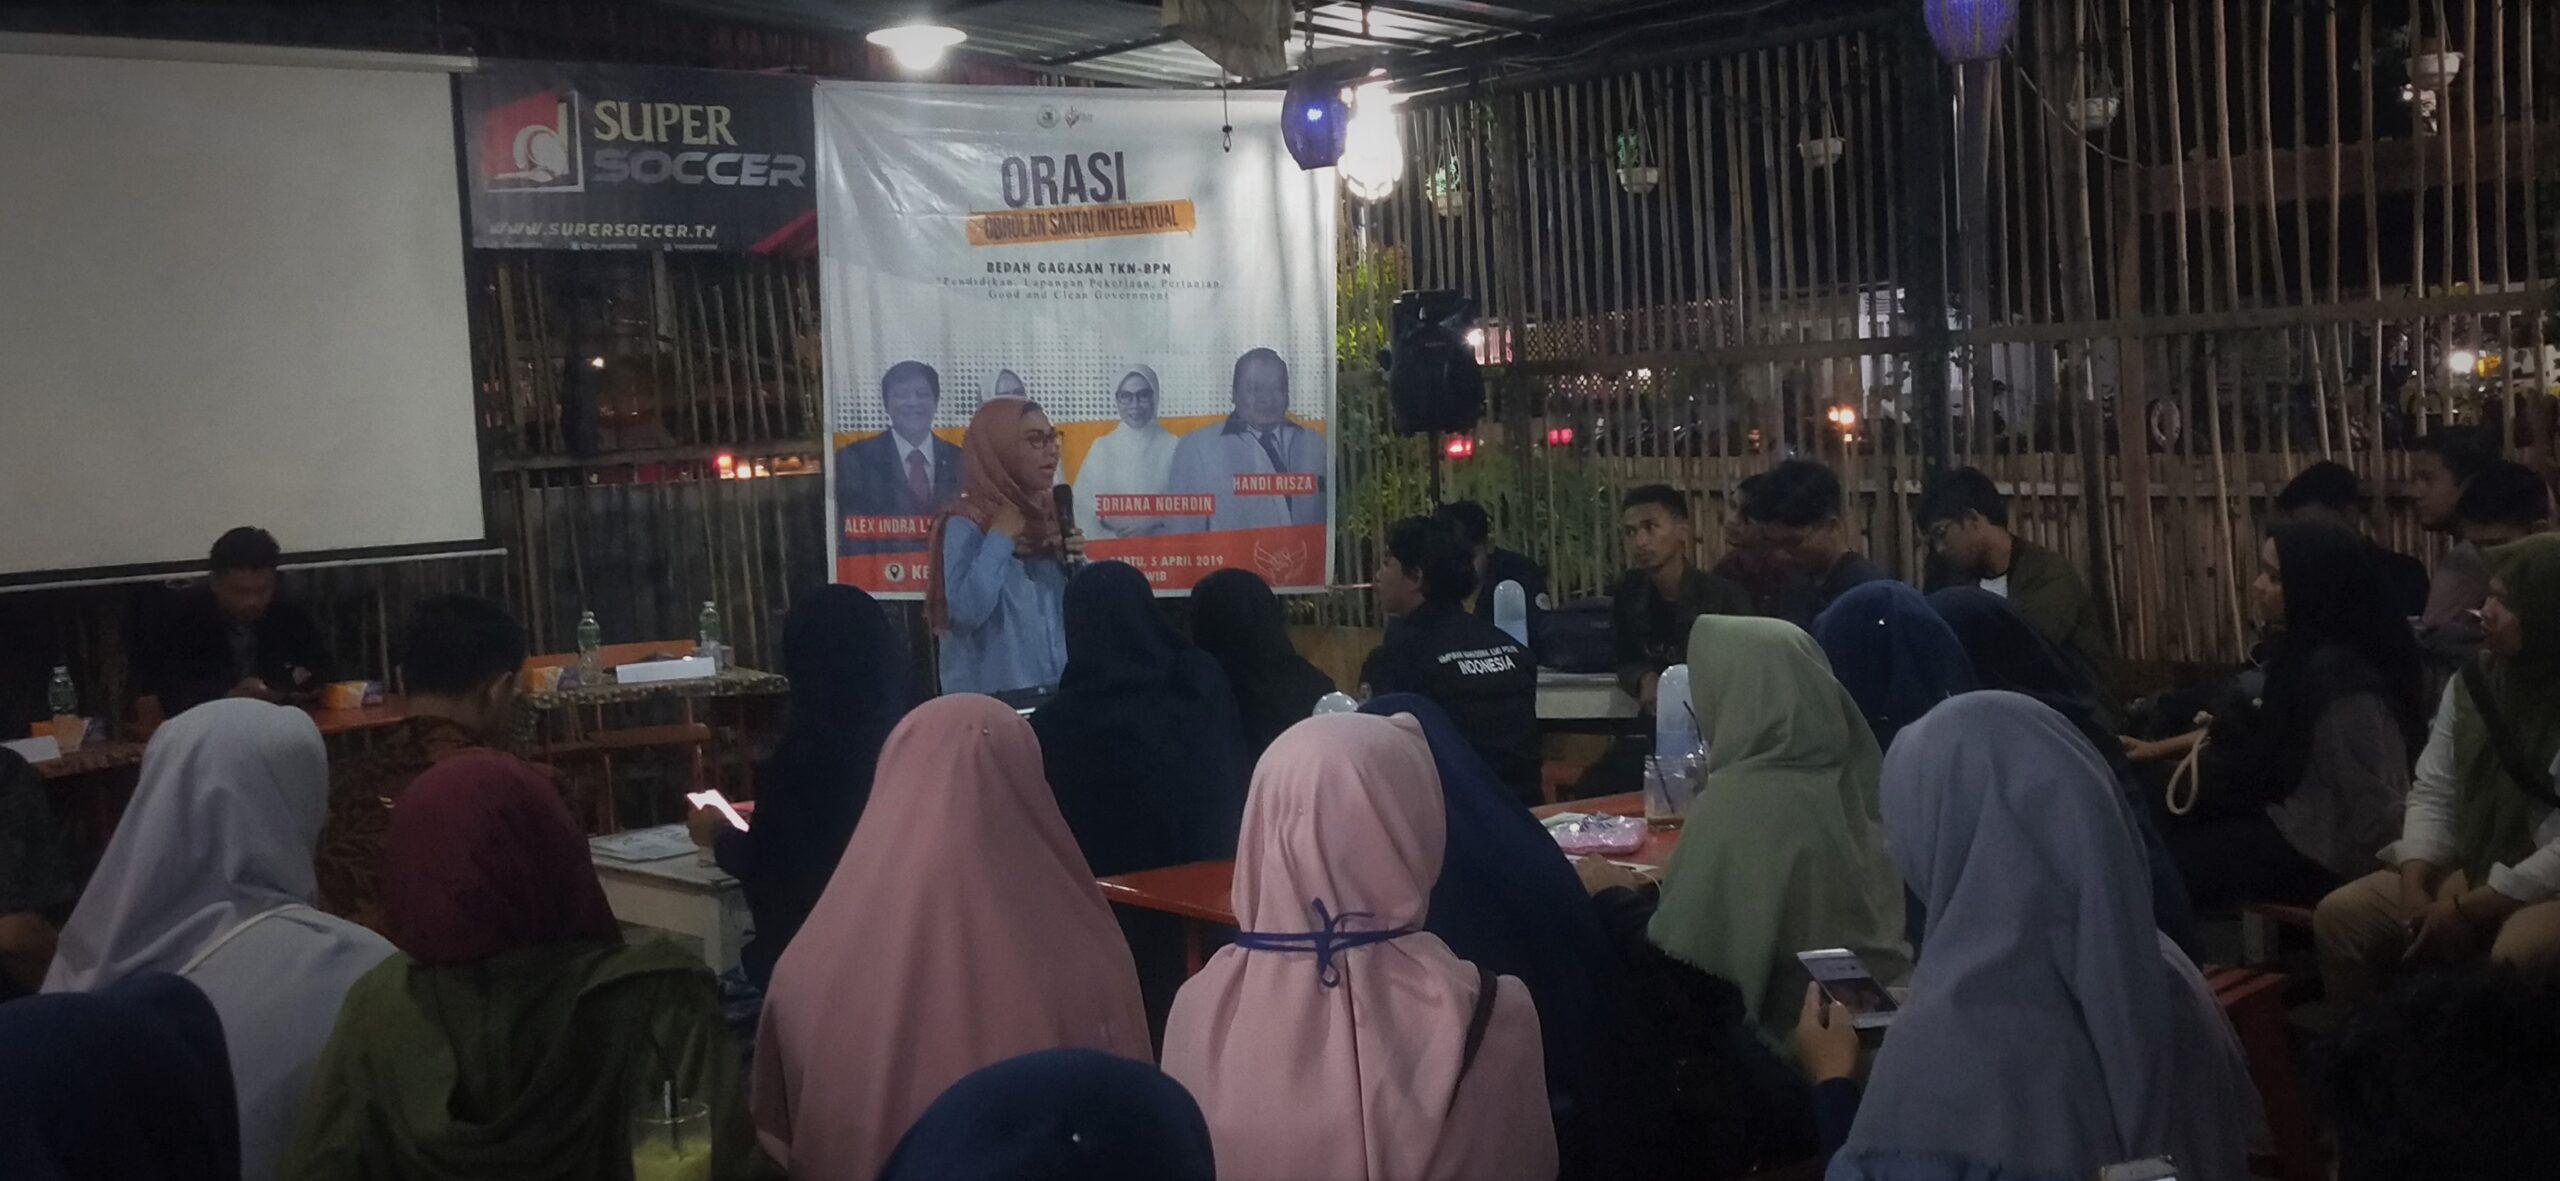 ORASI | Edriana Noerdin, Juru Bicara Badan Pemenangan Nasional (BPN) Prabowo-Sandi, sekaligus Caleg DPR RI Dapil Sumbar I, No3 dari Partai Gerindra saat diundang sebagai narasumber di acara Obrolan Santai Intelektual (ORASI) di Kede Uwak, Ps. Ambacang, Kuranji, Padang, Sumbar, Sabtu (6/4/2019)